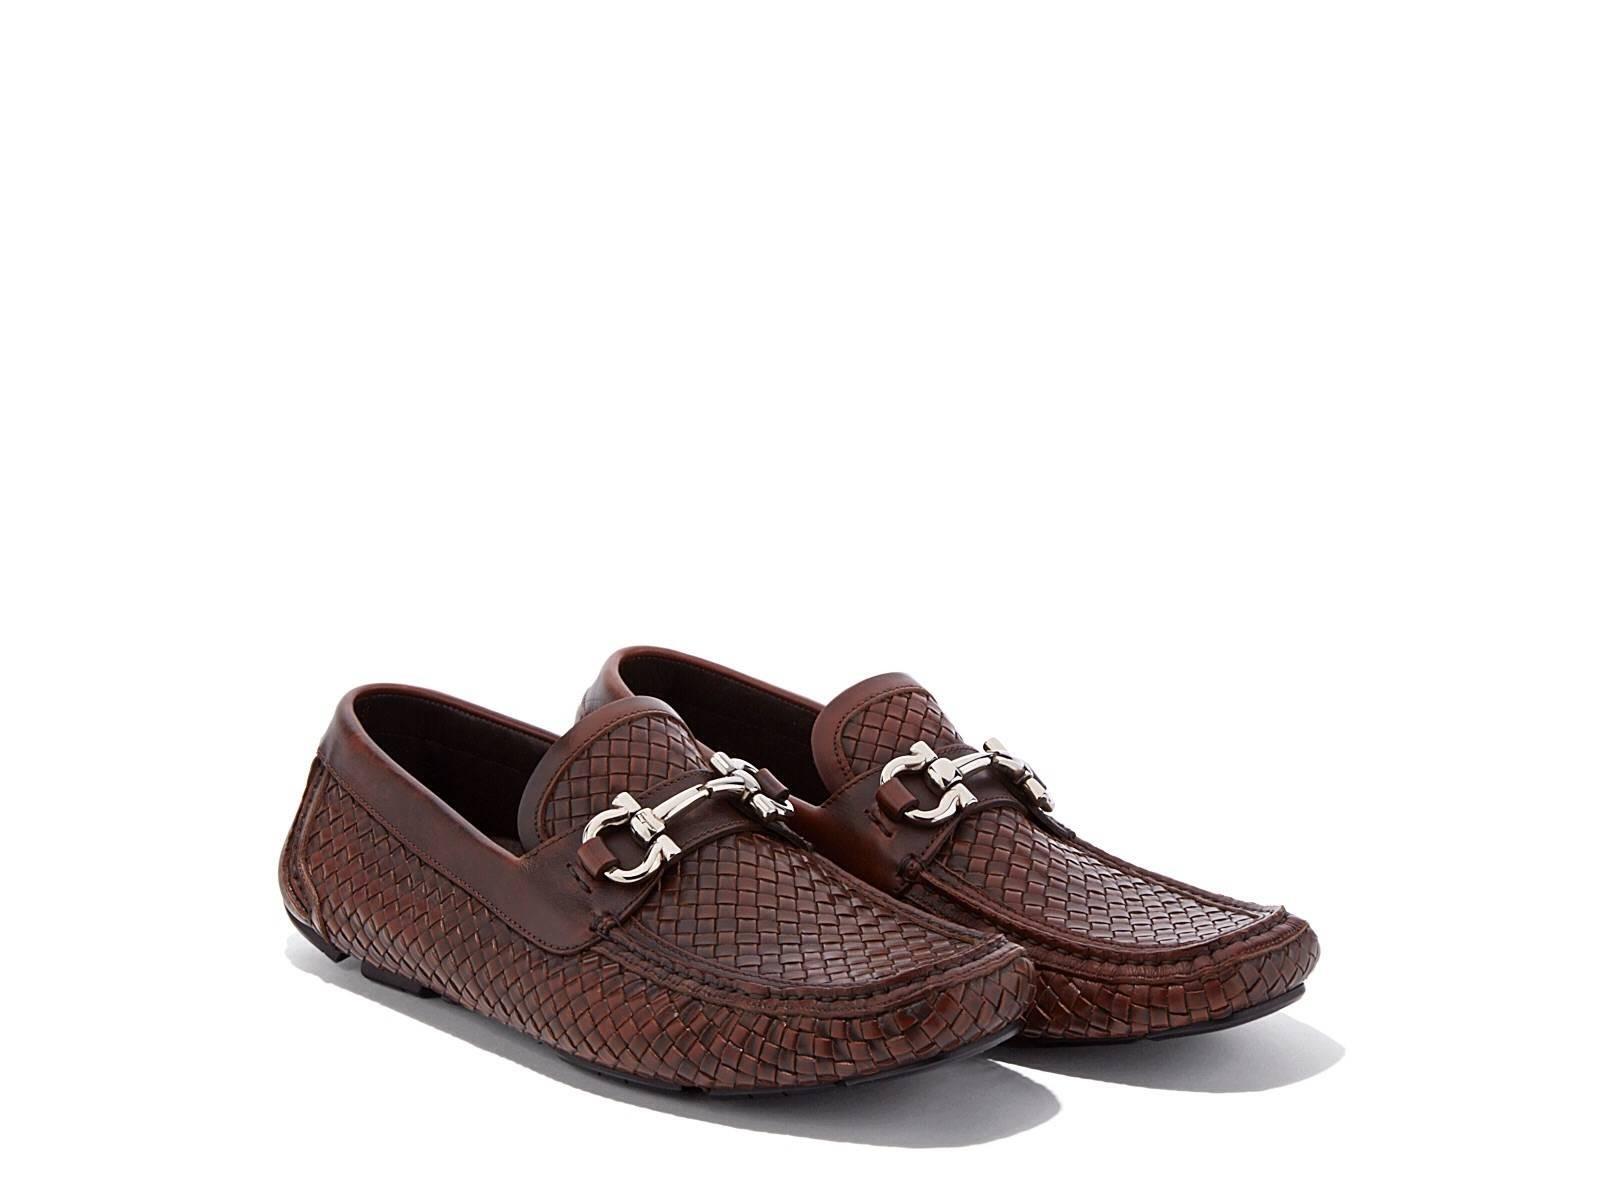 His & Hers no longer – Ferragamo Off-Duty Footwear